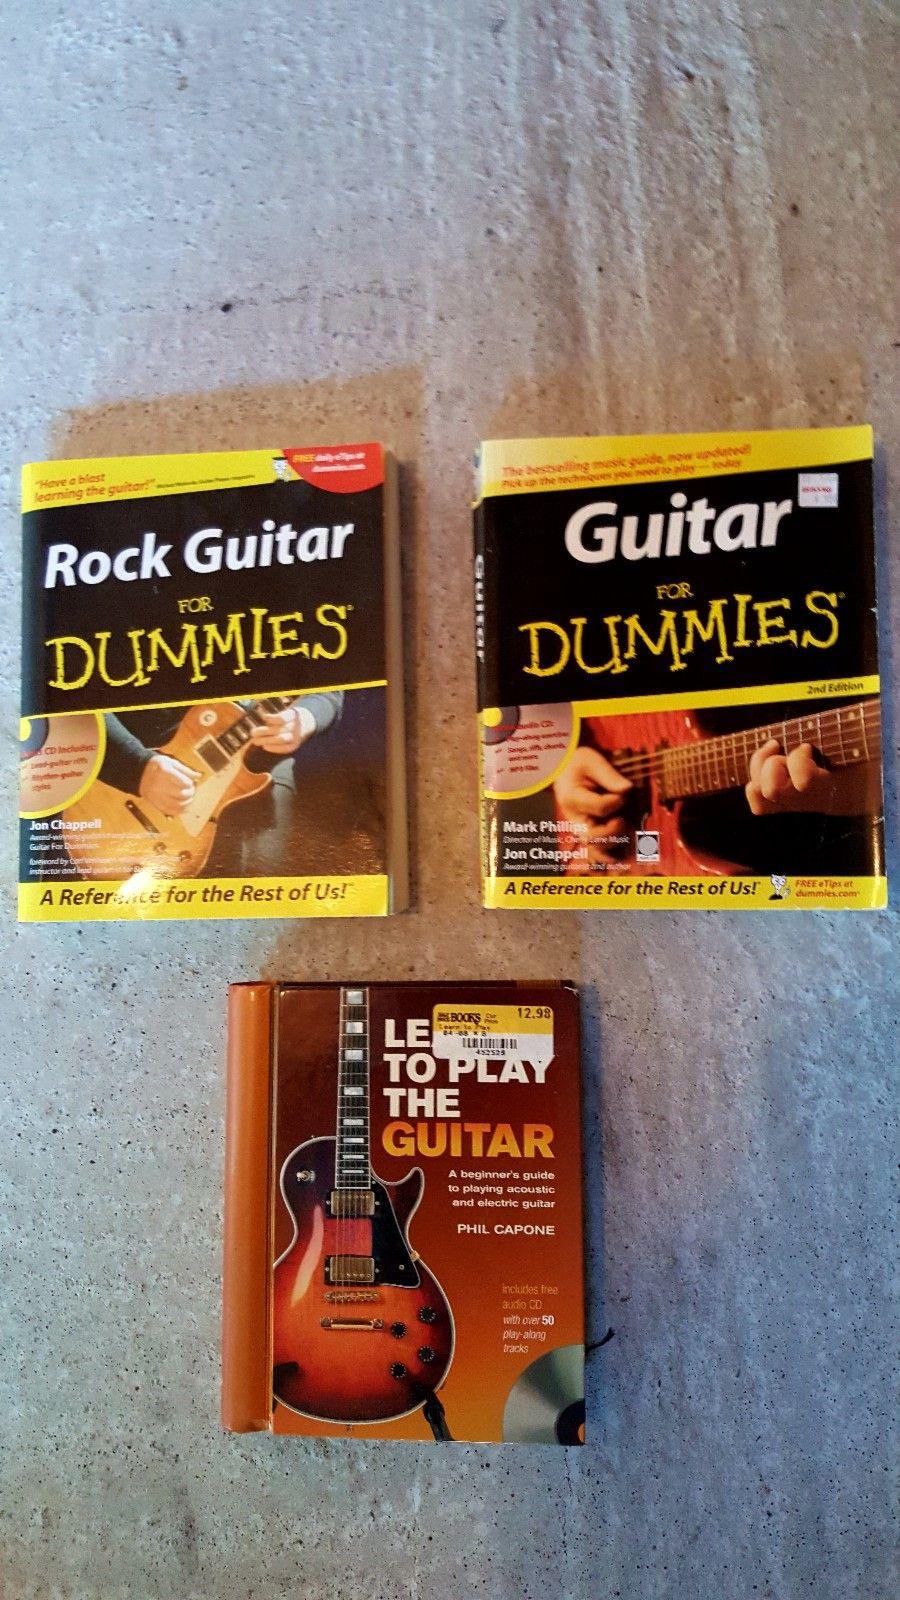 Guitar Learning Books (set of 3) - Stavanger  - Guitar Learning Books (set of 3) - Stavanger